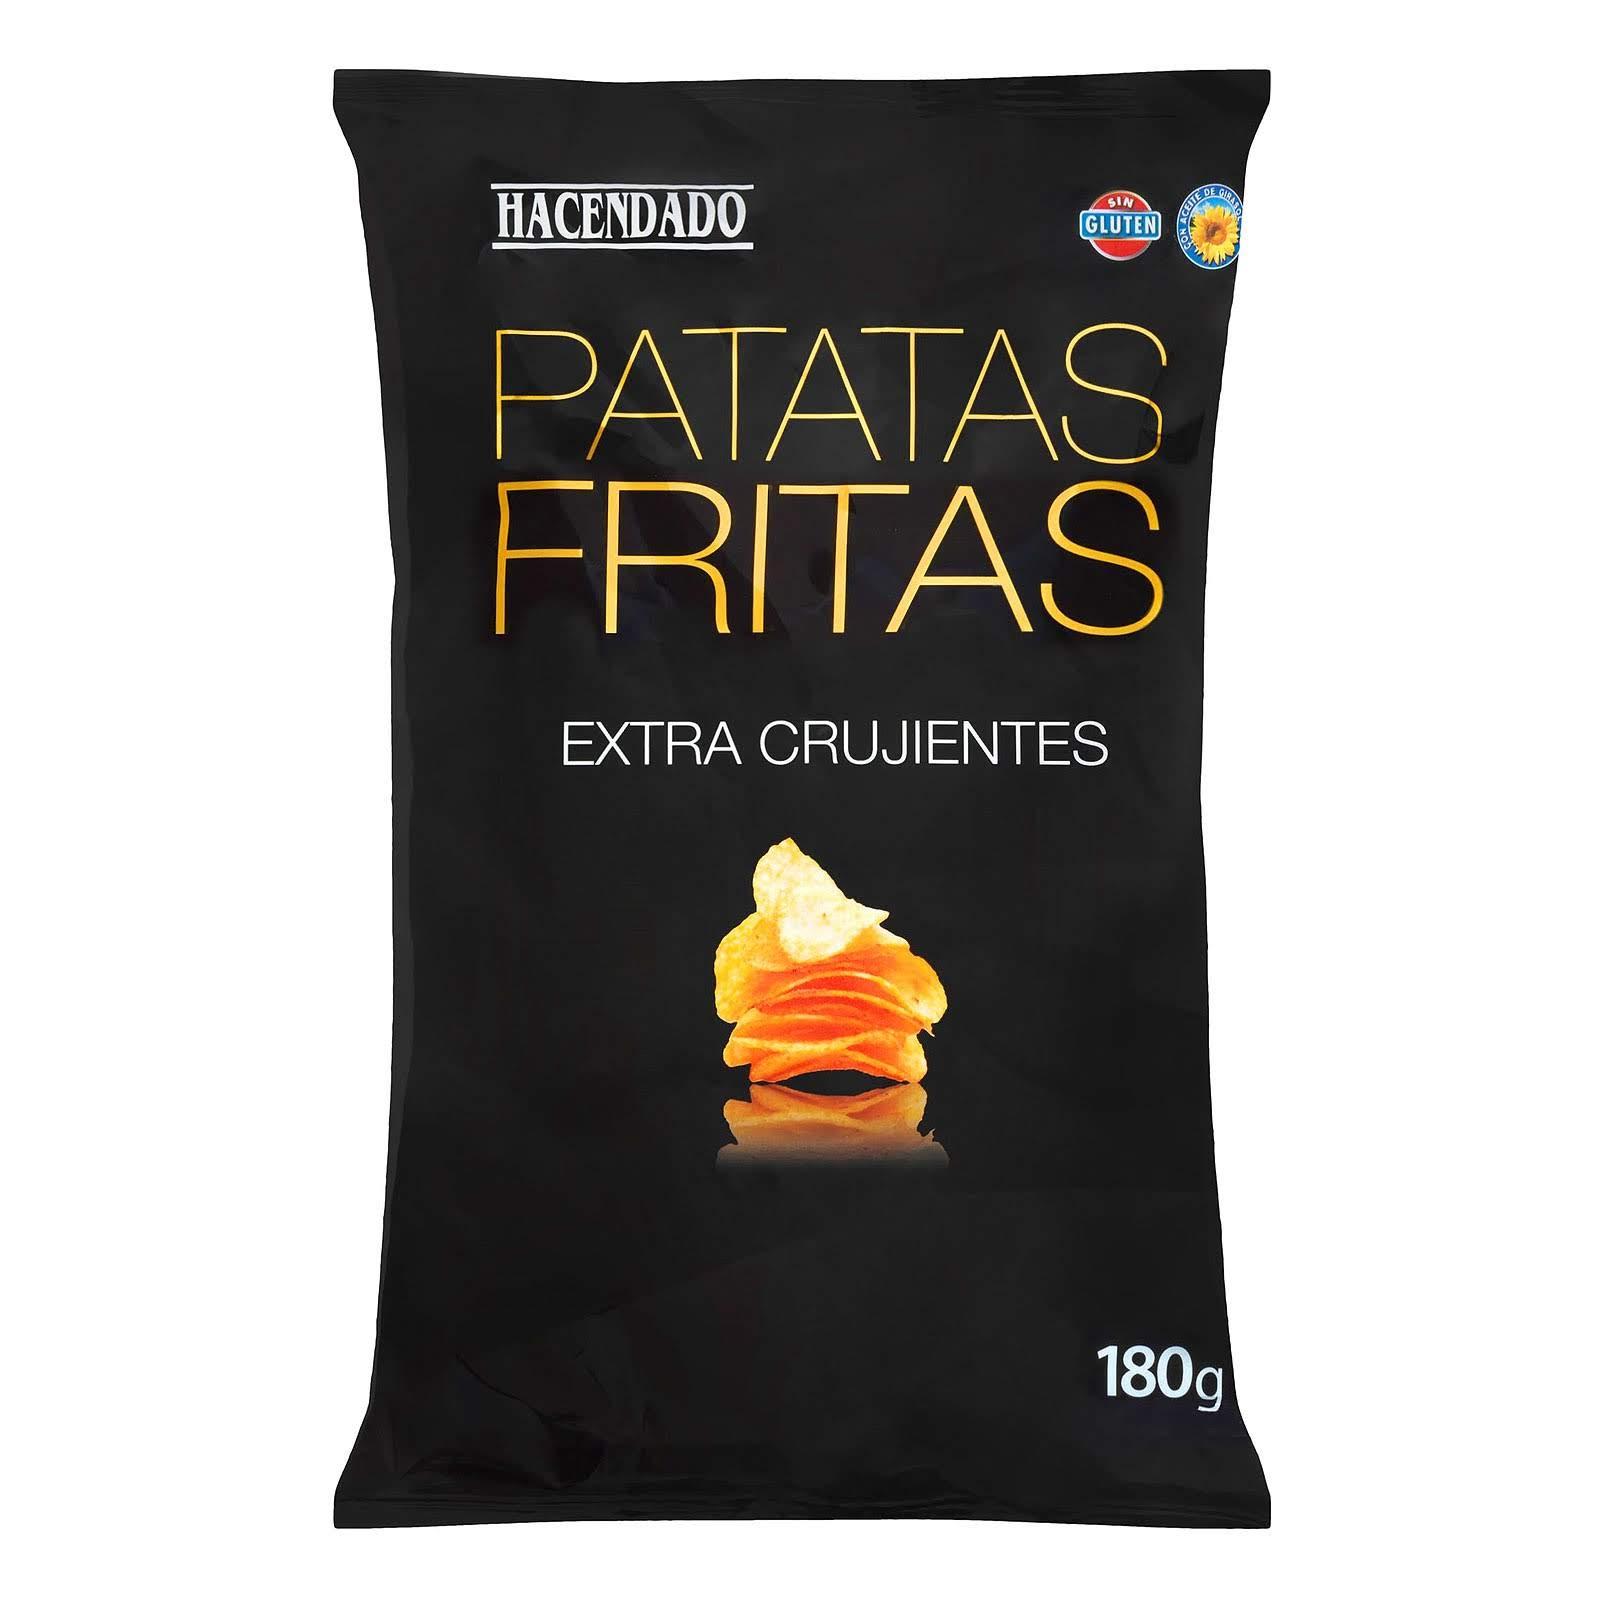 Patatas fritas extra crujientes Hacendado